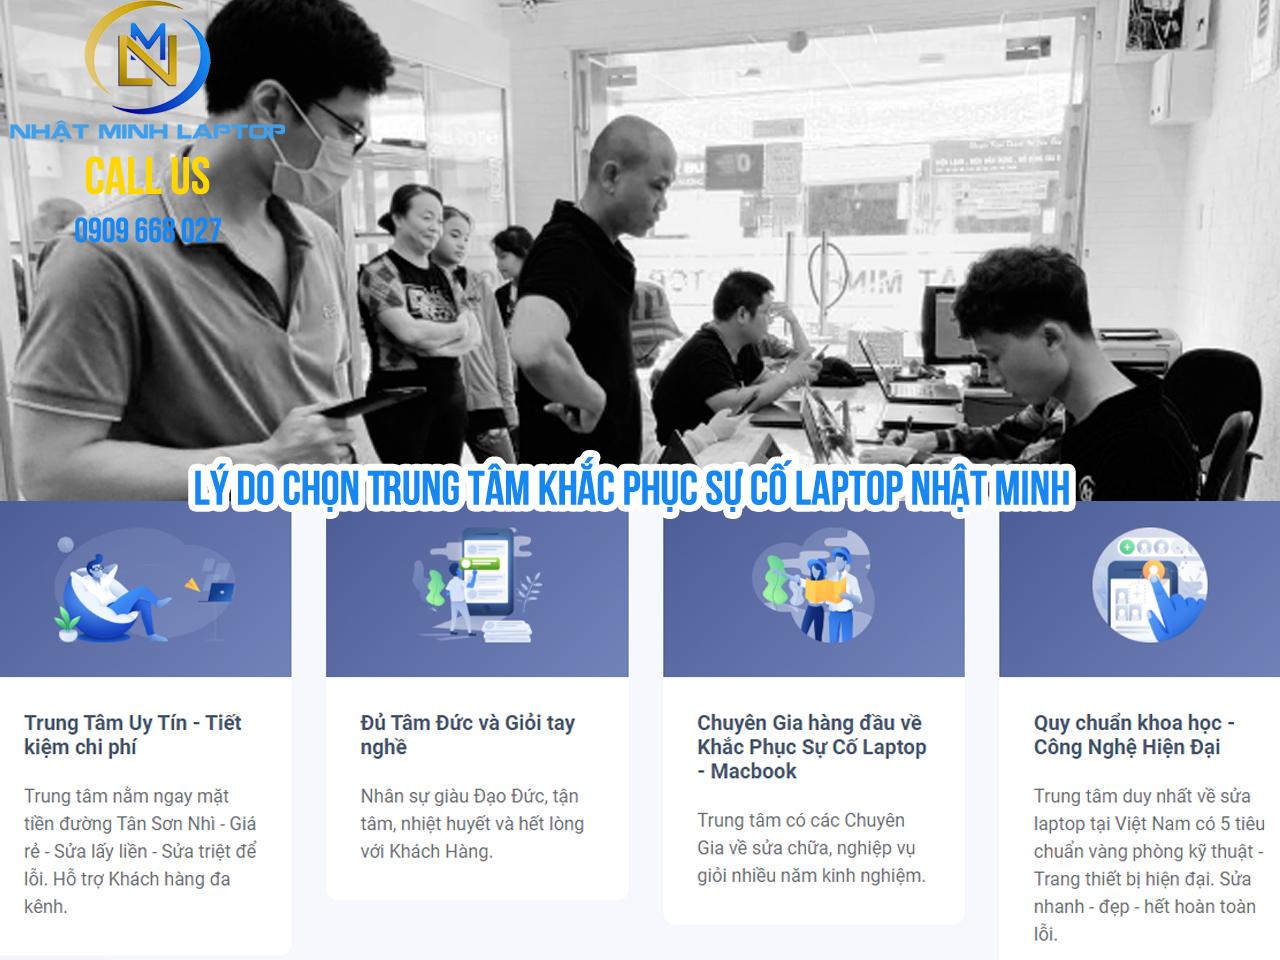 Sửa laptop giá rẻ và uy tín tại Trung Tâm Nhật Minh